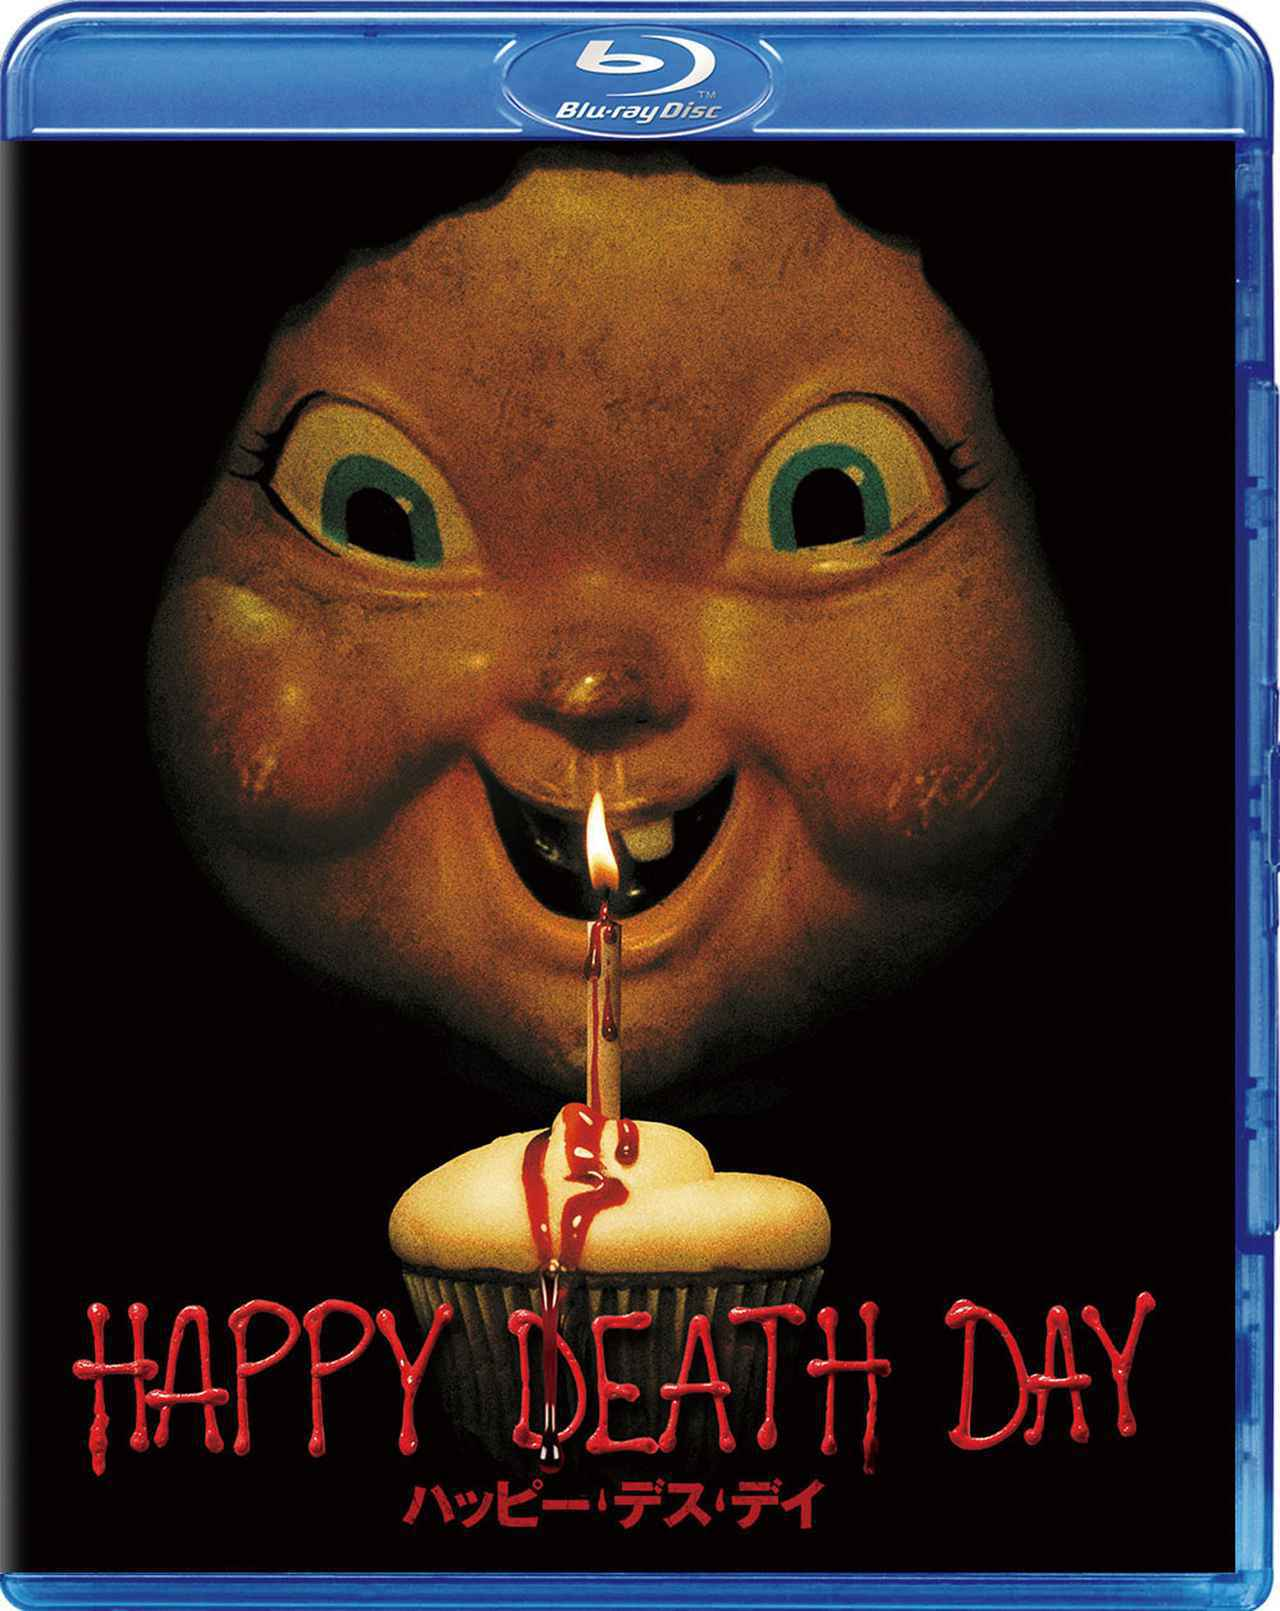 画像: 『ハッピー・デス・デイ』Blu-ray発売中/価格:2,075円(税込)/発売元:NBCユニバーサル・エンターテイメント © 2017 Universal Studios. All Rights Reserved.